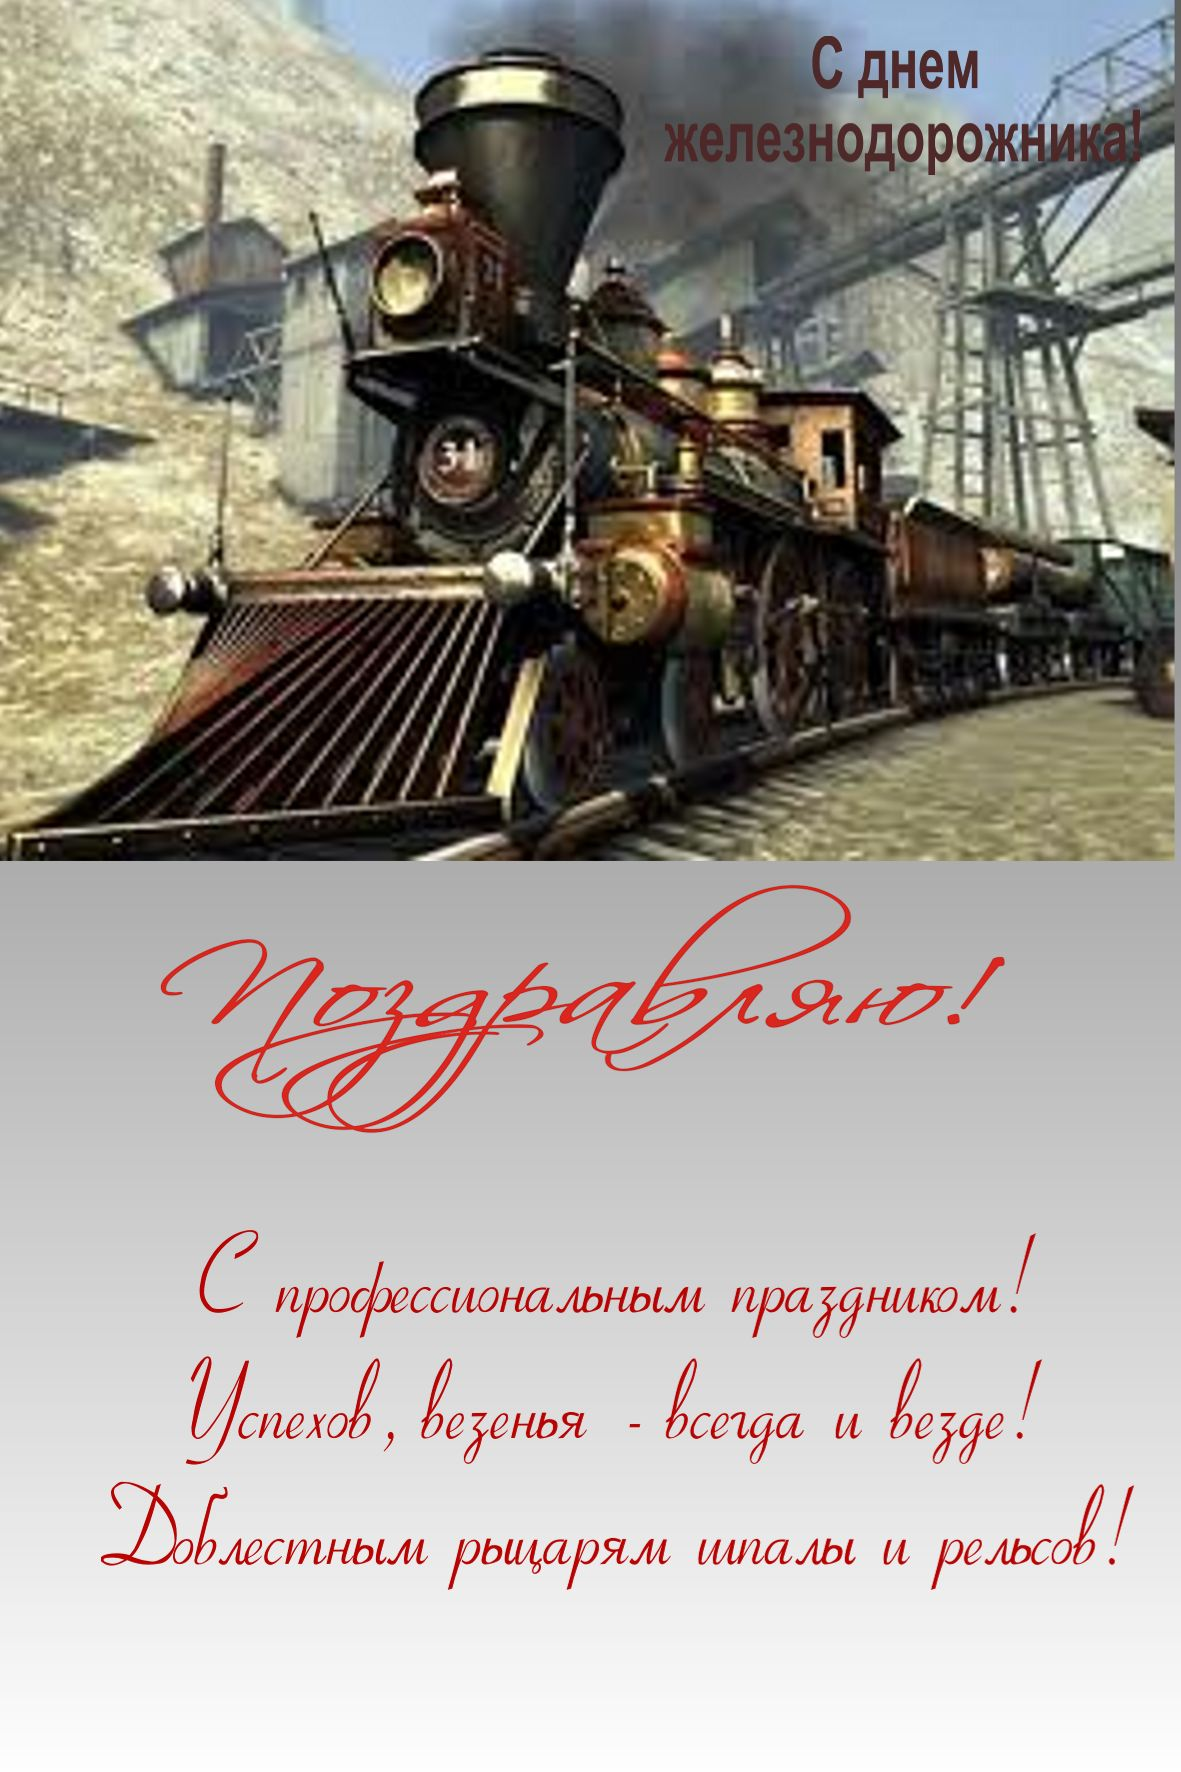 Поздравления днем железнодорожника открытки, картинки